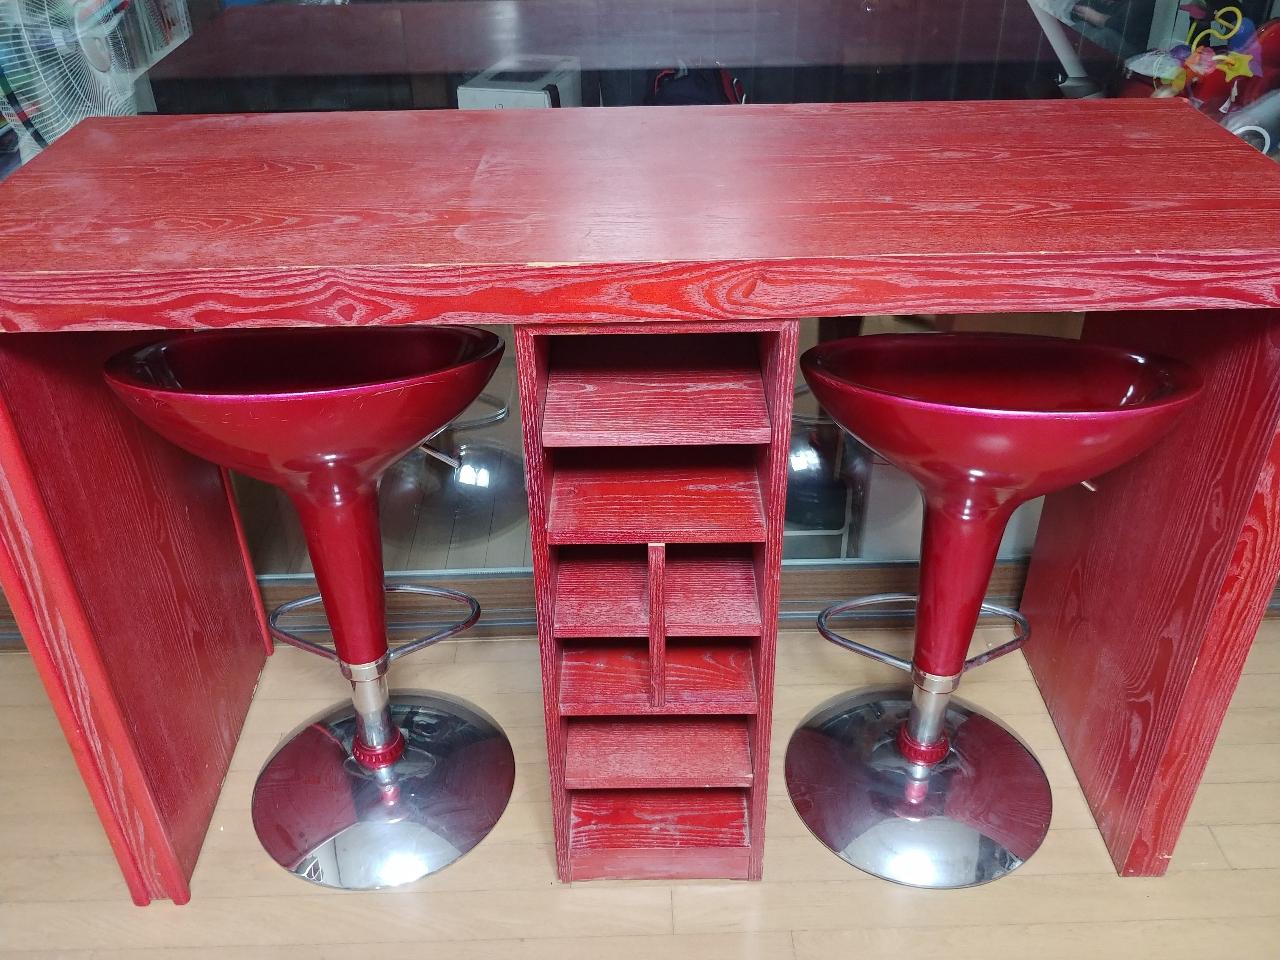 홈바/홈카페 테이블(낮에 찍은 사진추가)